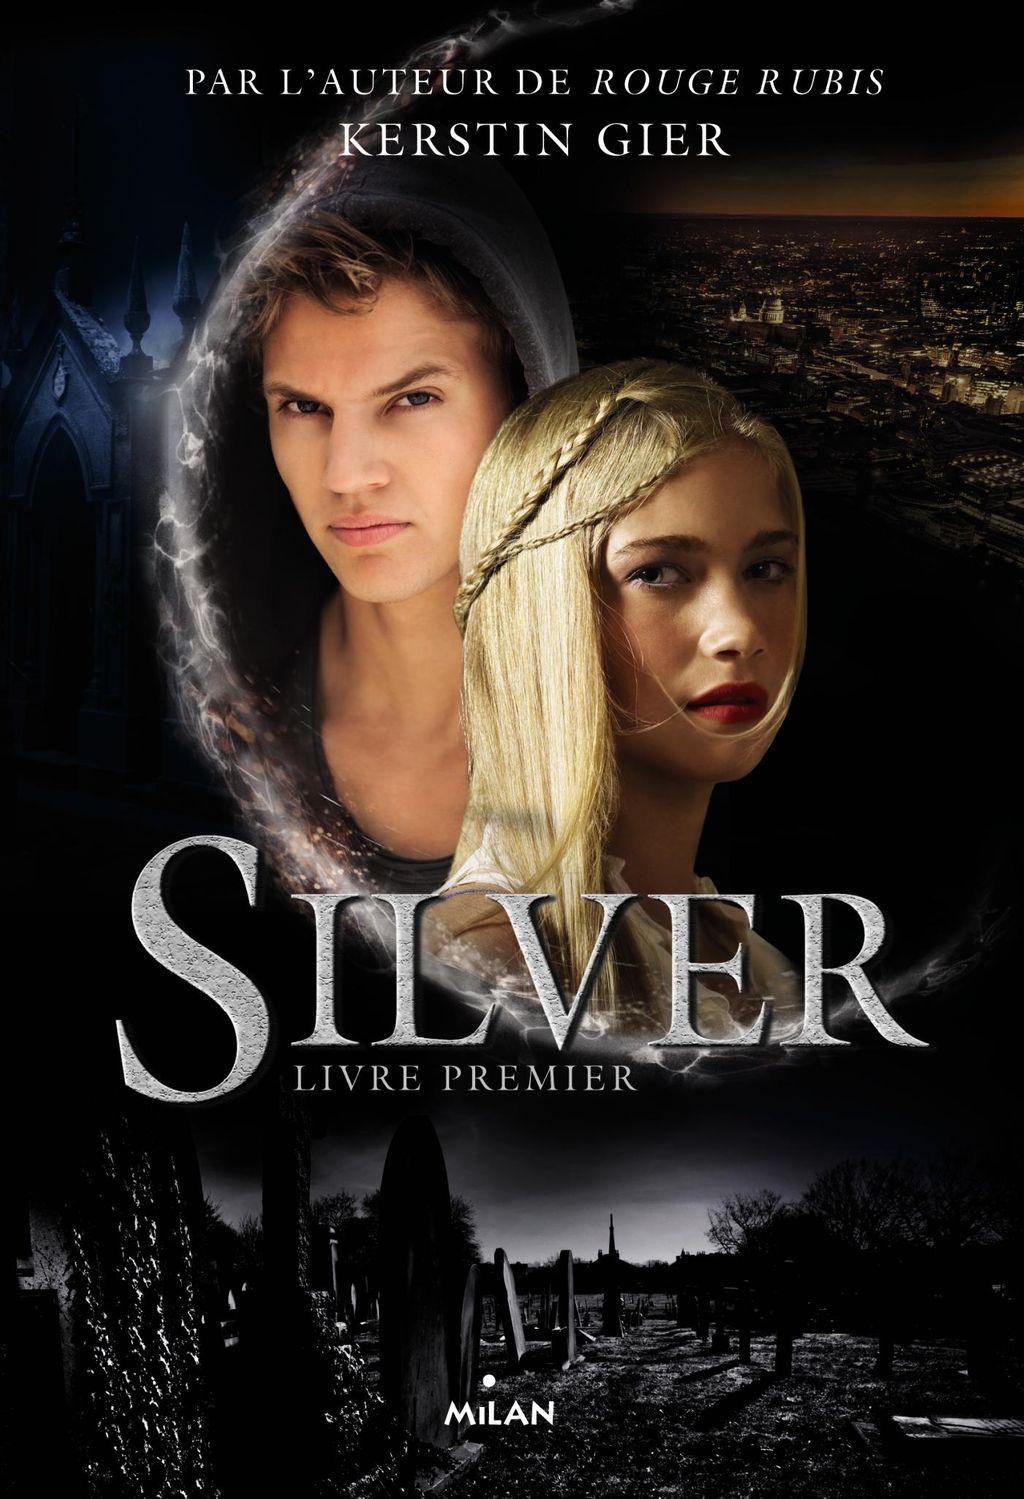 Couverture de «Silver livre premier»